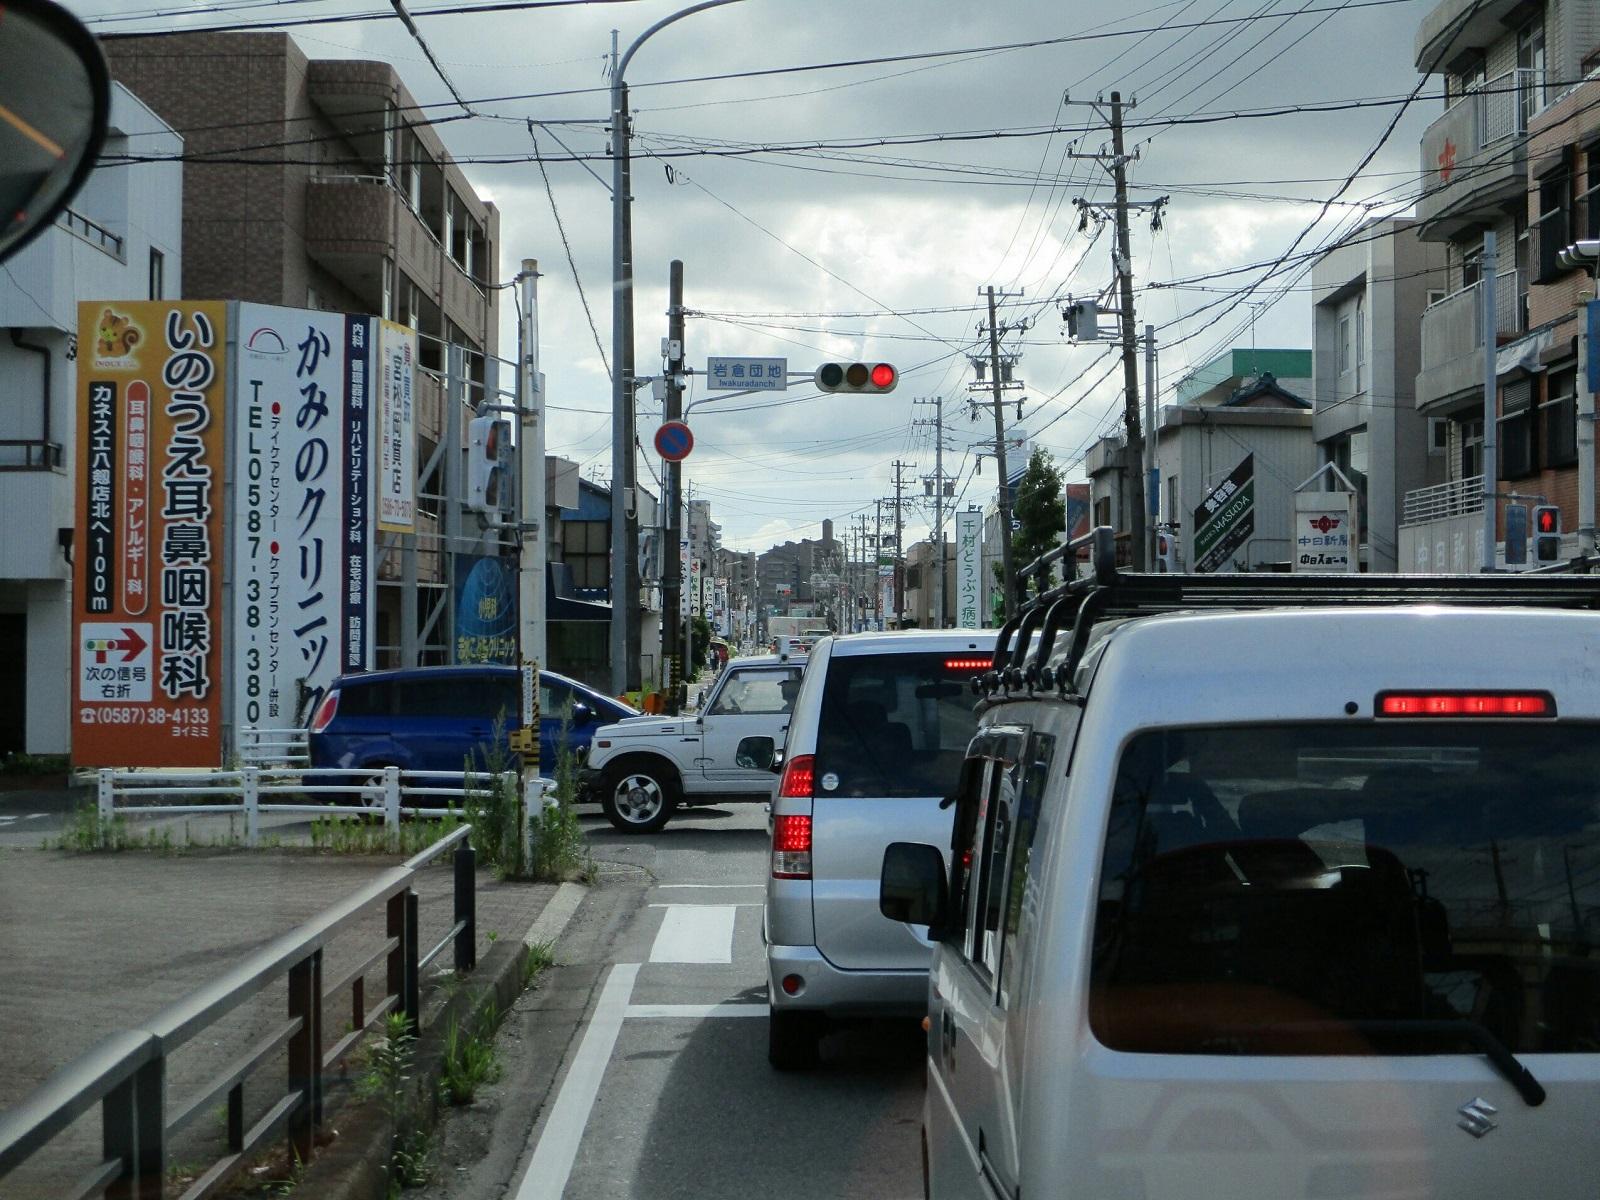 2018.6.30 (51) 岩倉駅いきバス - 岩倉団地交差点 1600-1200